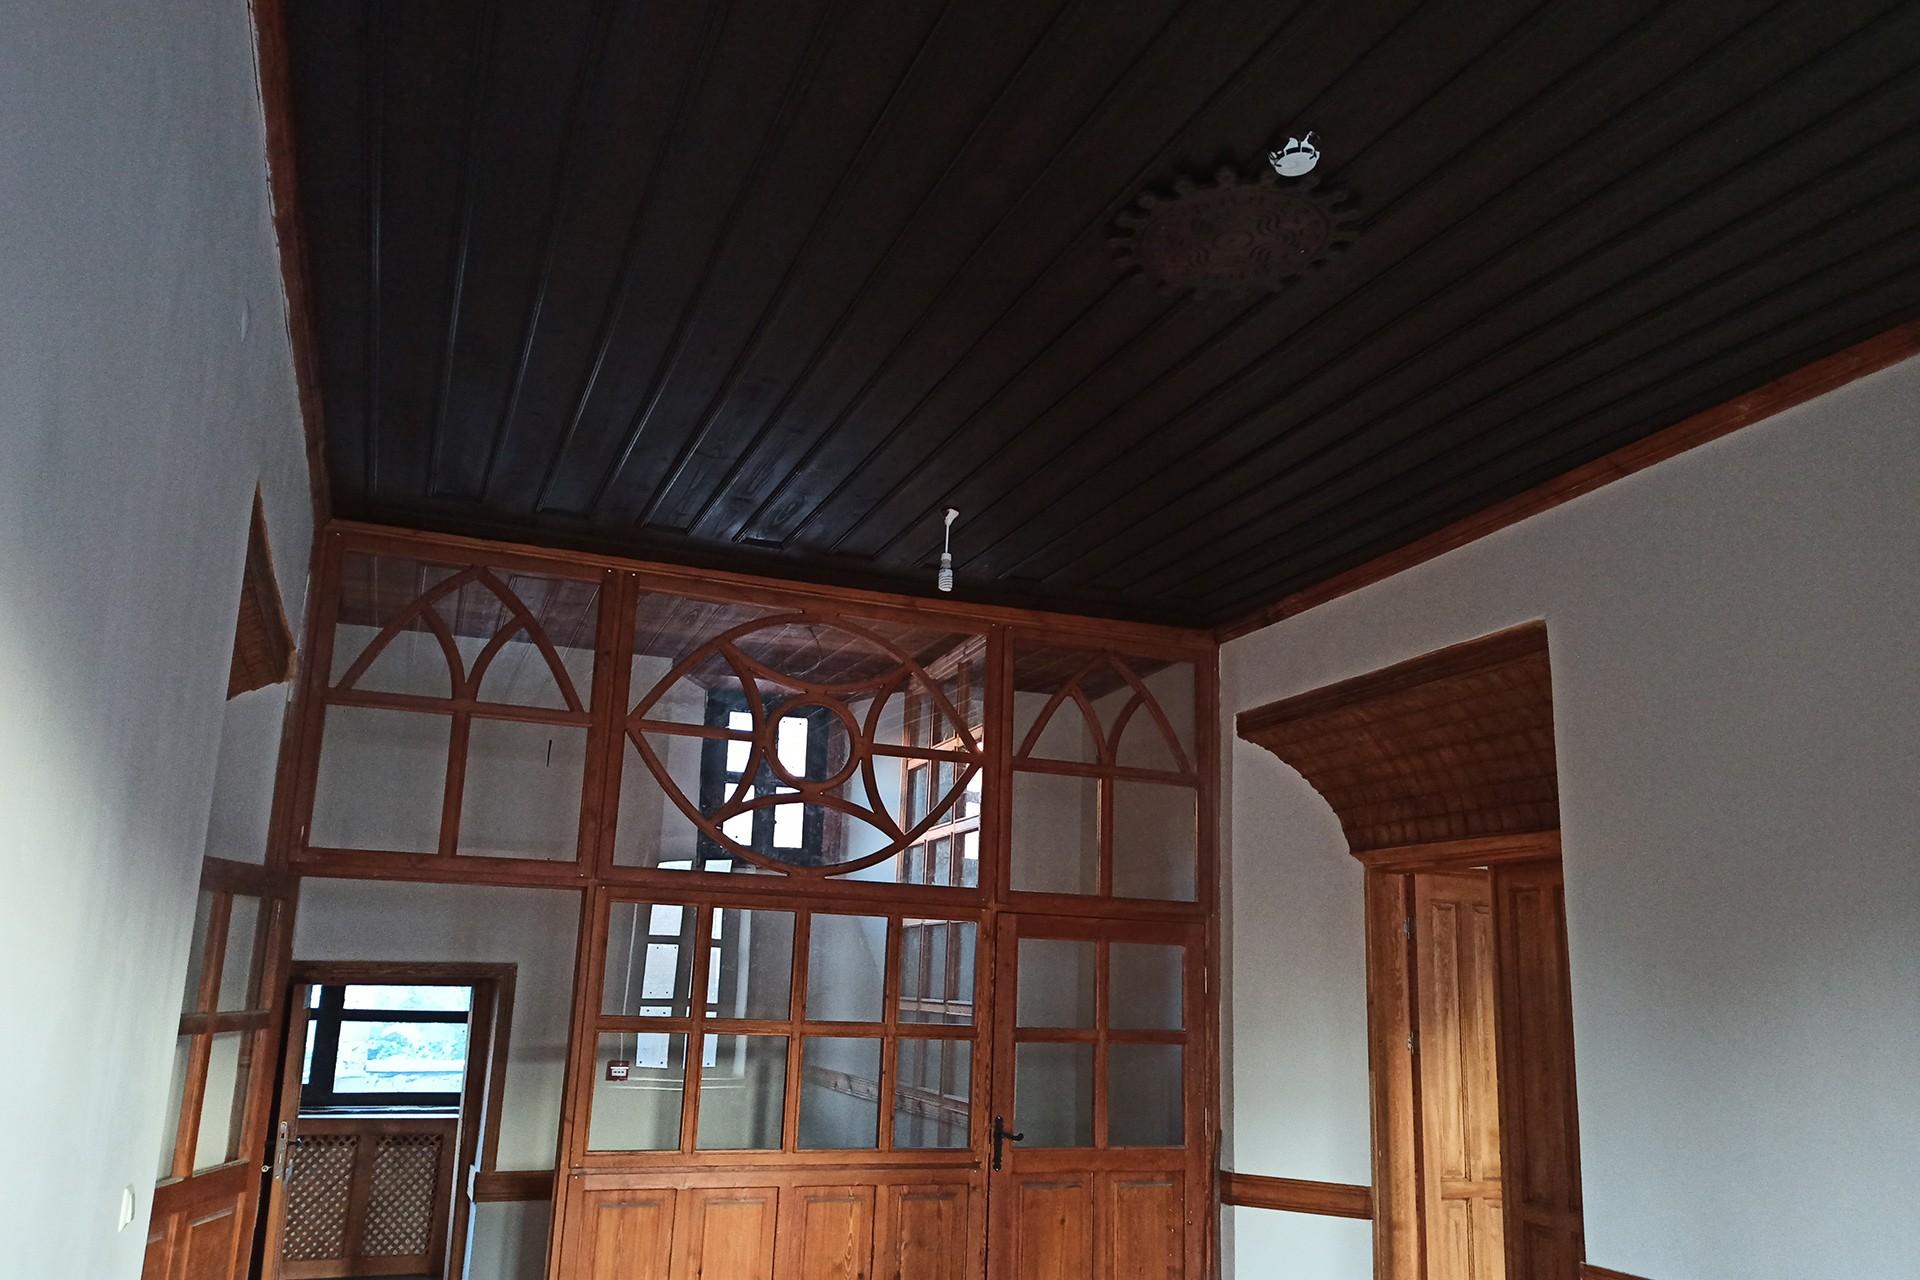 Odalar arası geçişin görüntüsüne örnek